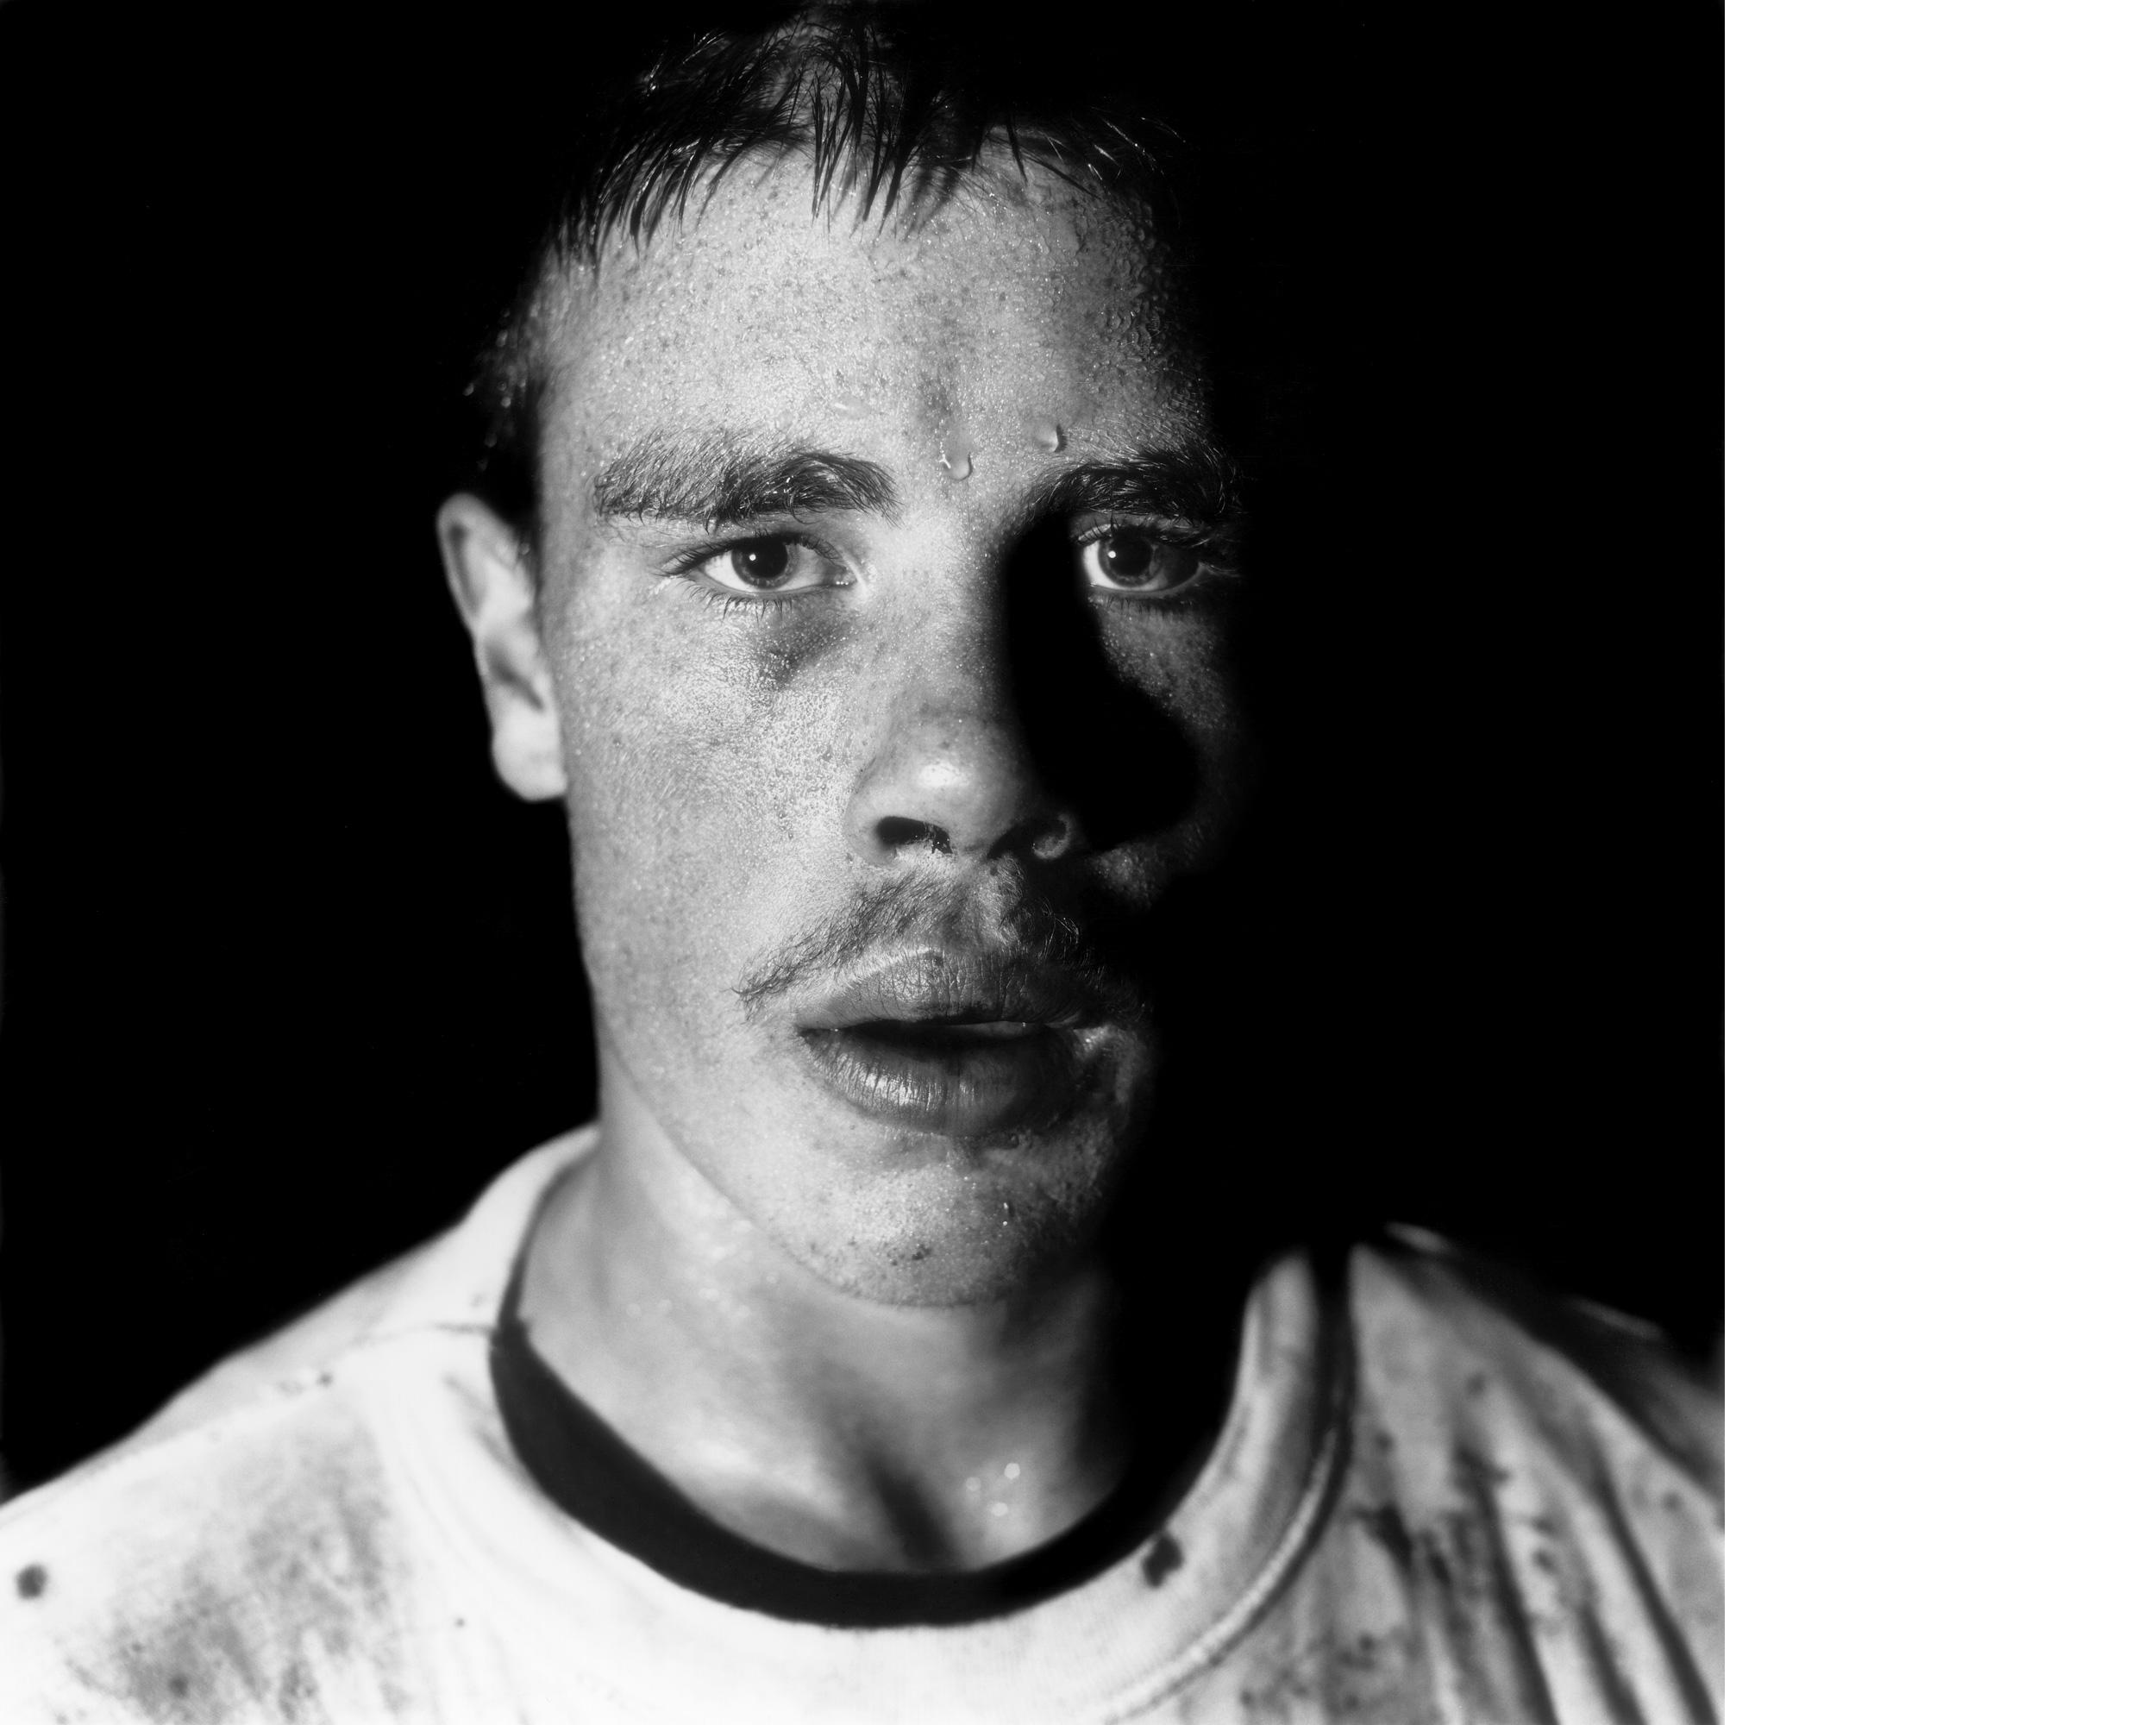 Small Heath Boxing Club, Digbeth, Birmingham (1995)